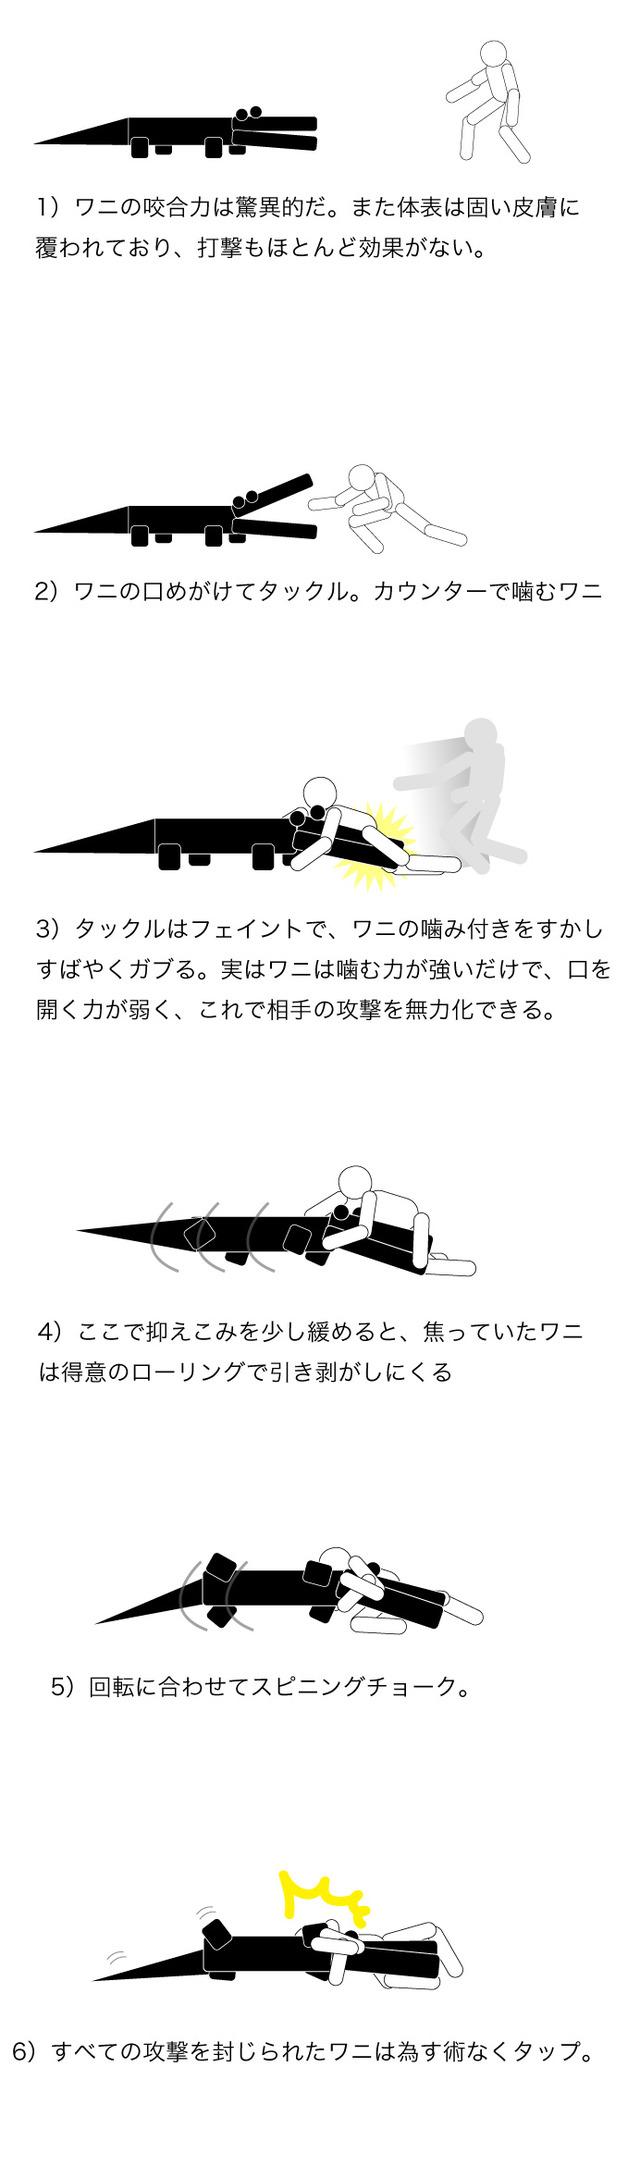 ワニとの戦闘方法